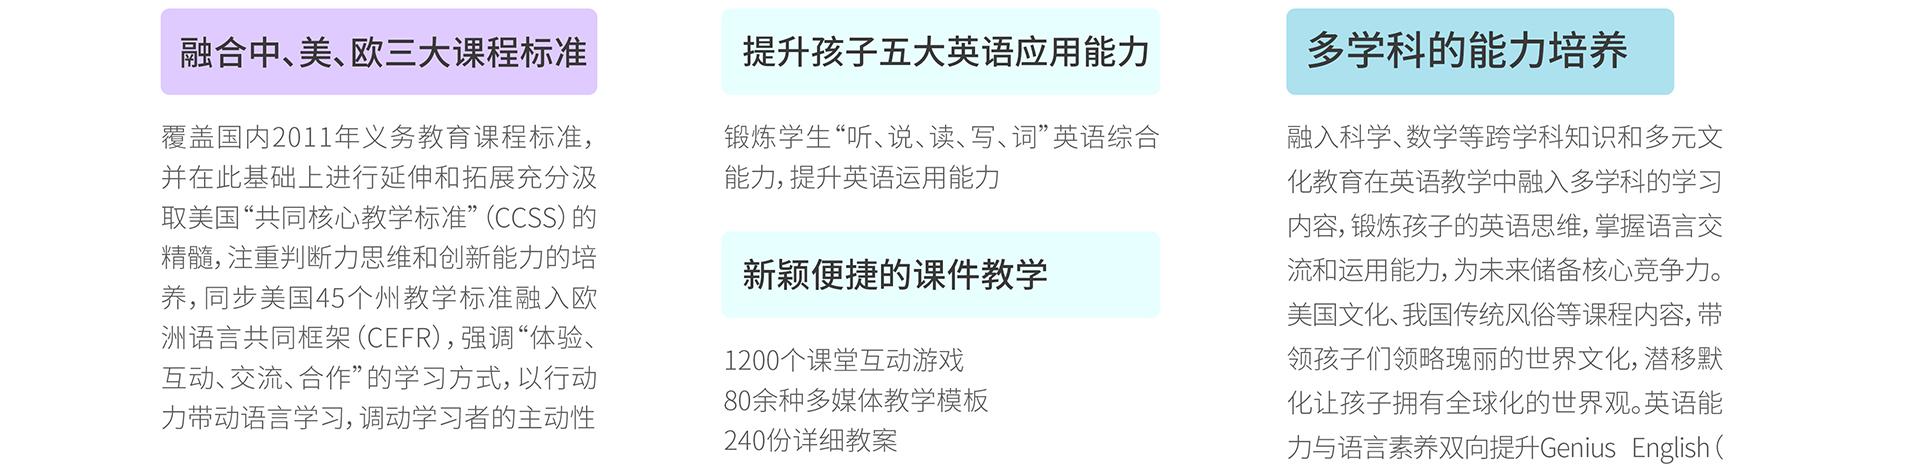 青鸟园丁学习馆qnyd_11